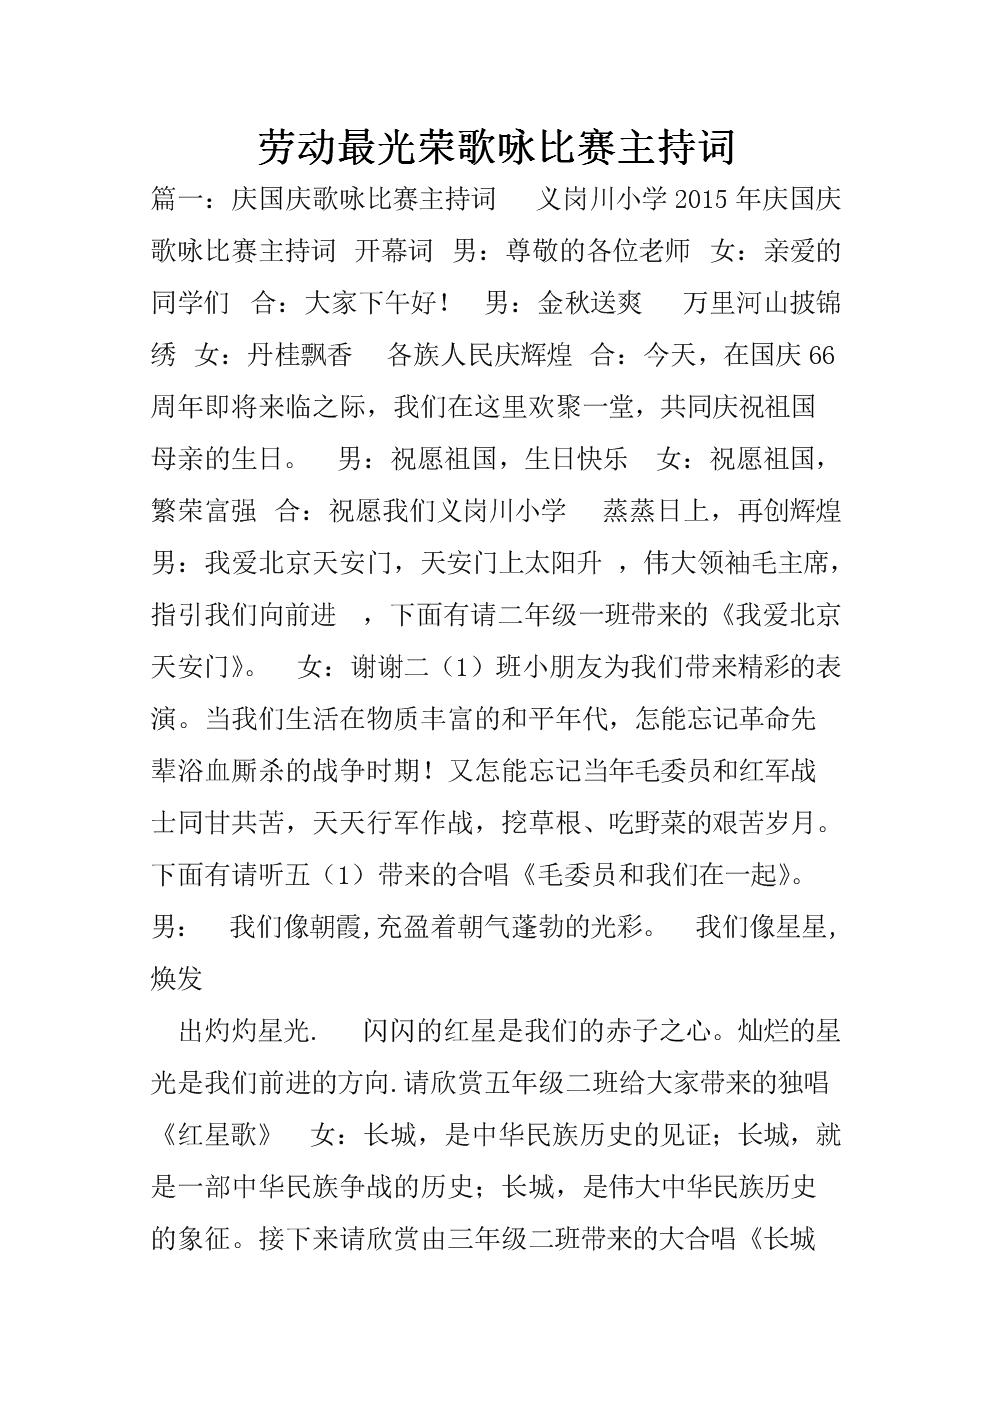 比赛最光荣歌咏劳动主持词.doc郑州户口三年小学图片